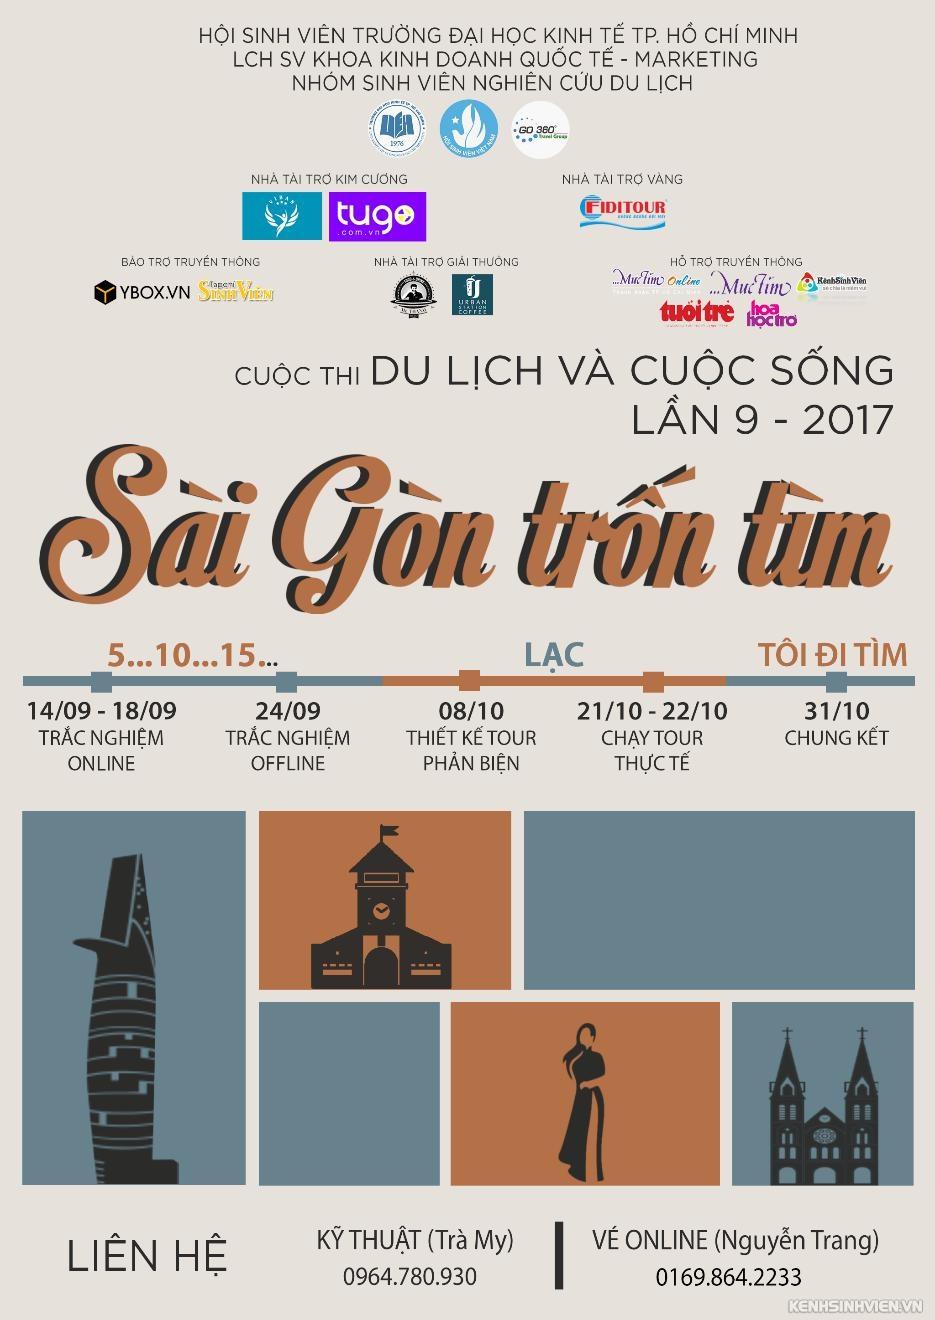 [HCM-BTTT] Cuộc Thi Du lịch Và Cuộc Sống 2017 - Sài Gòn Trốn Tìm